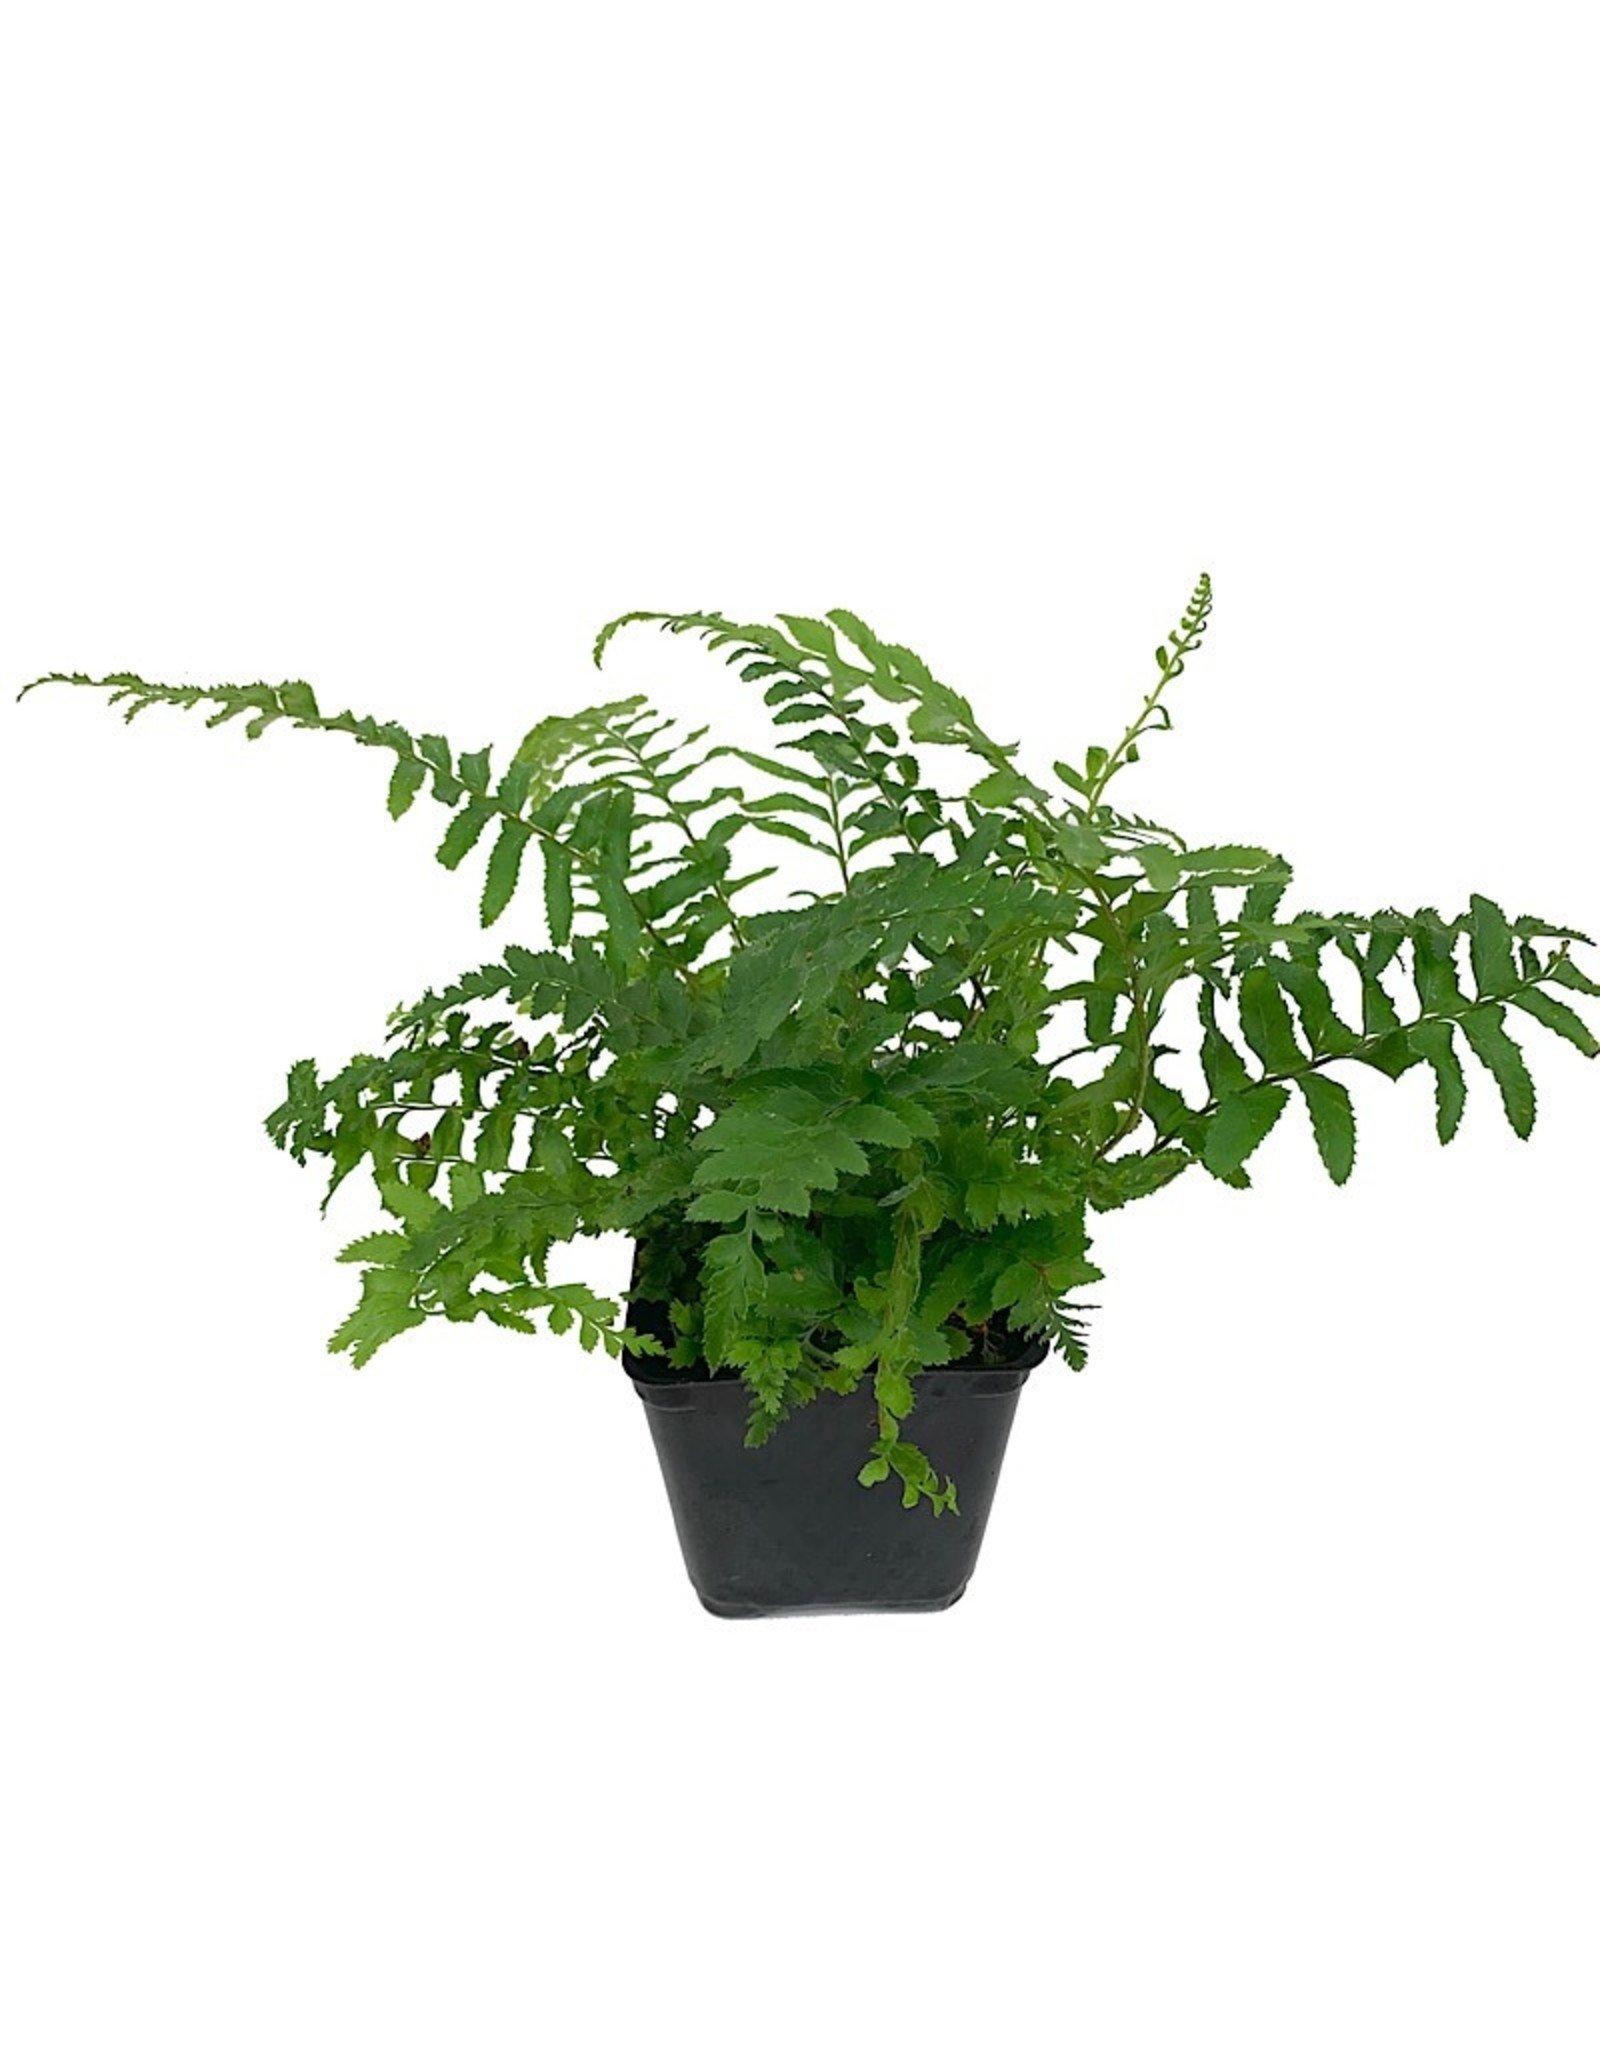 Polystichum munitum 4 Inch